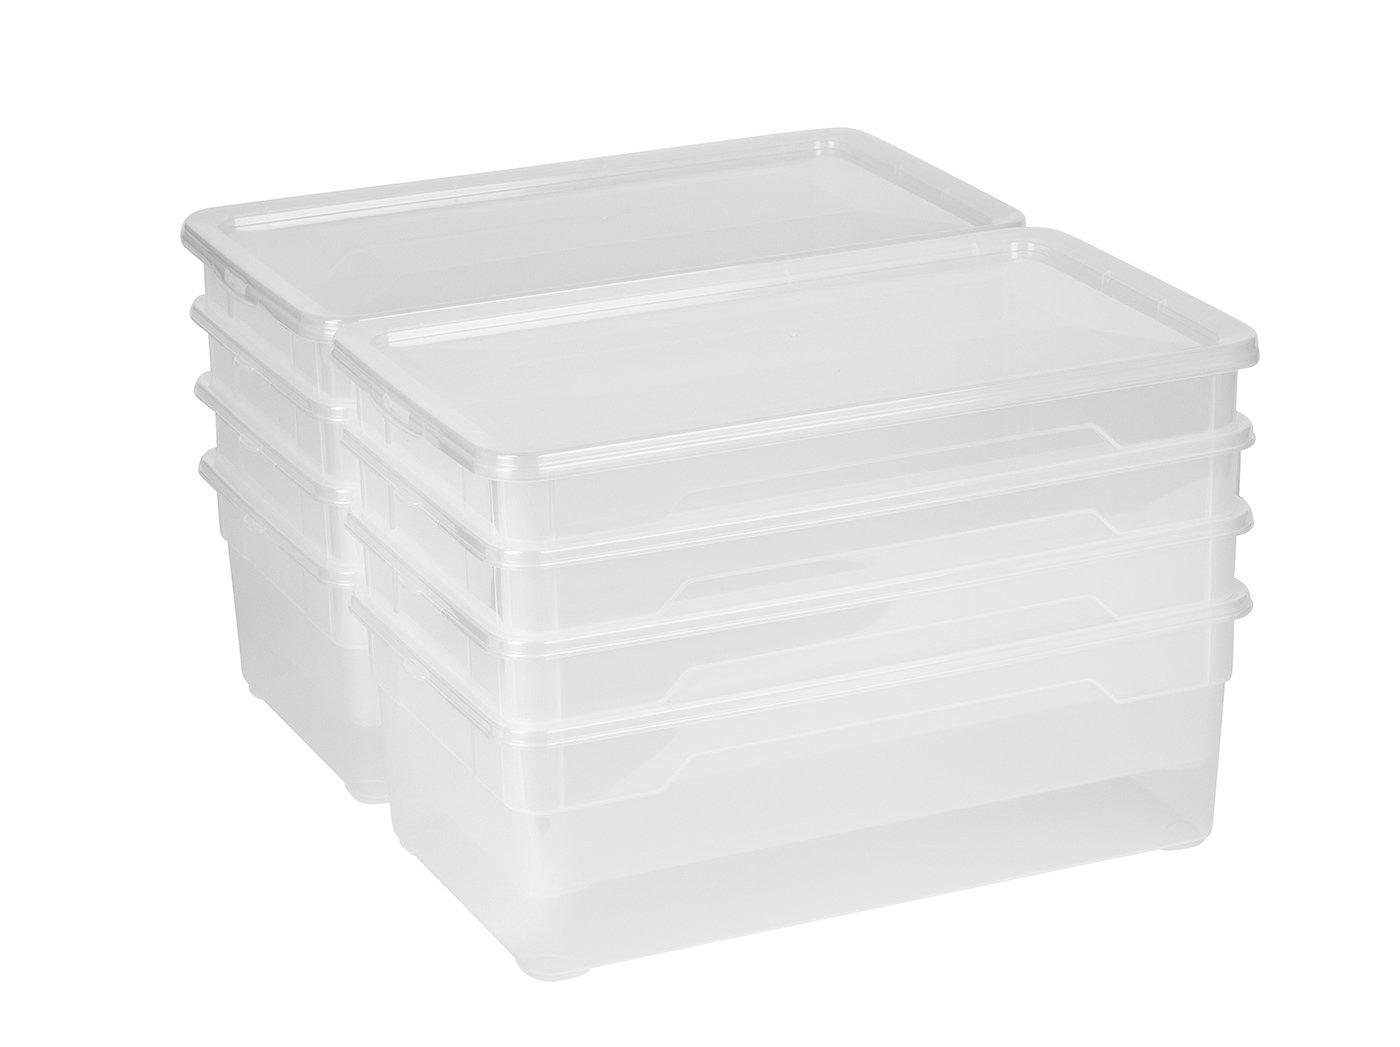 Rotho Sundis 6334200096 pl/ástico color transparente paquete 2 Caja de almacenamiento con tapa